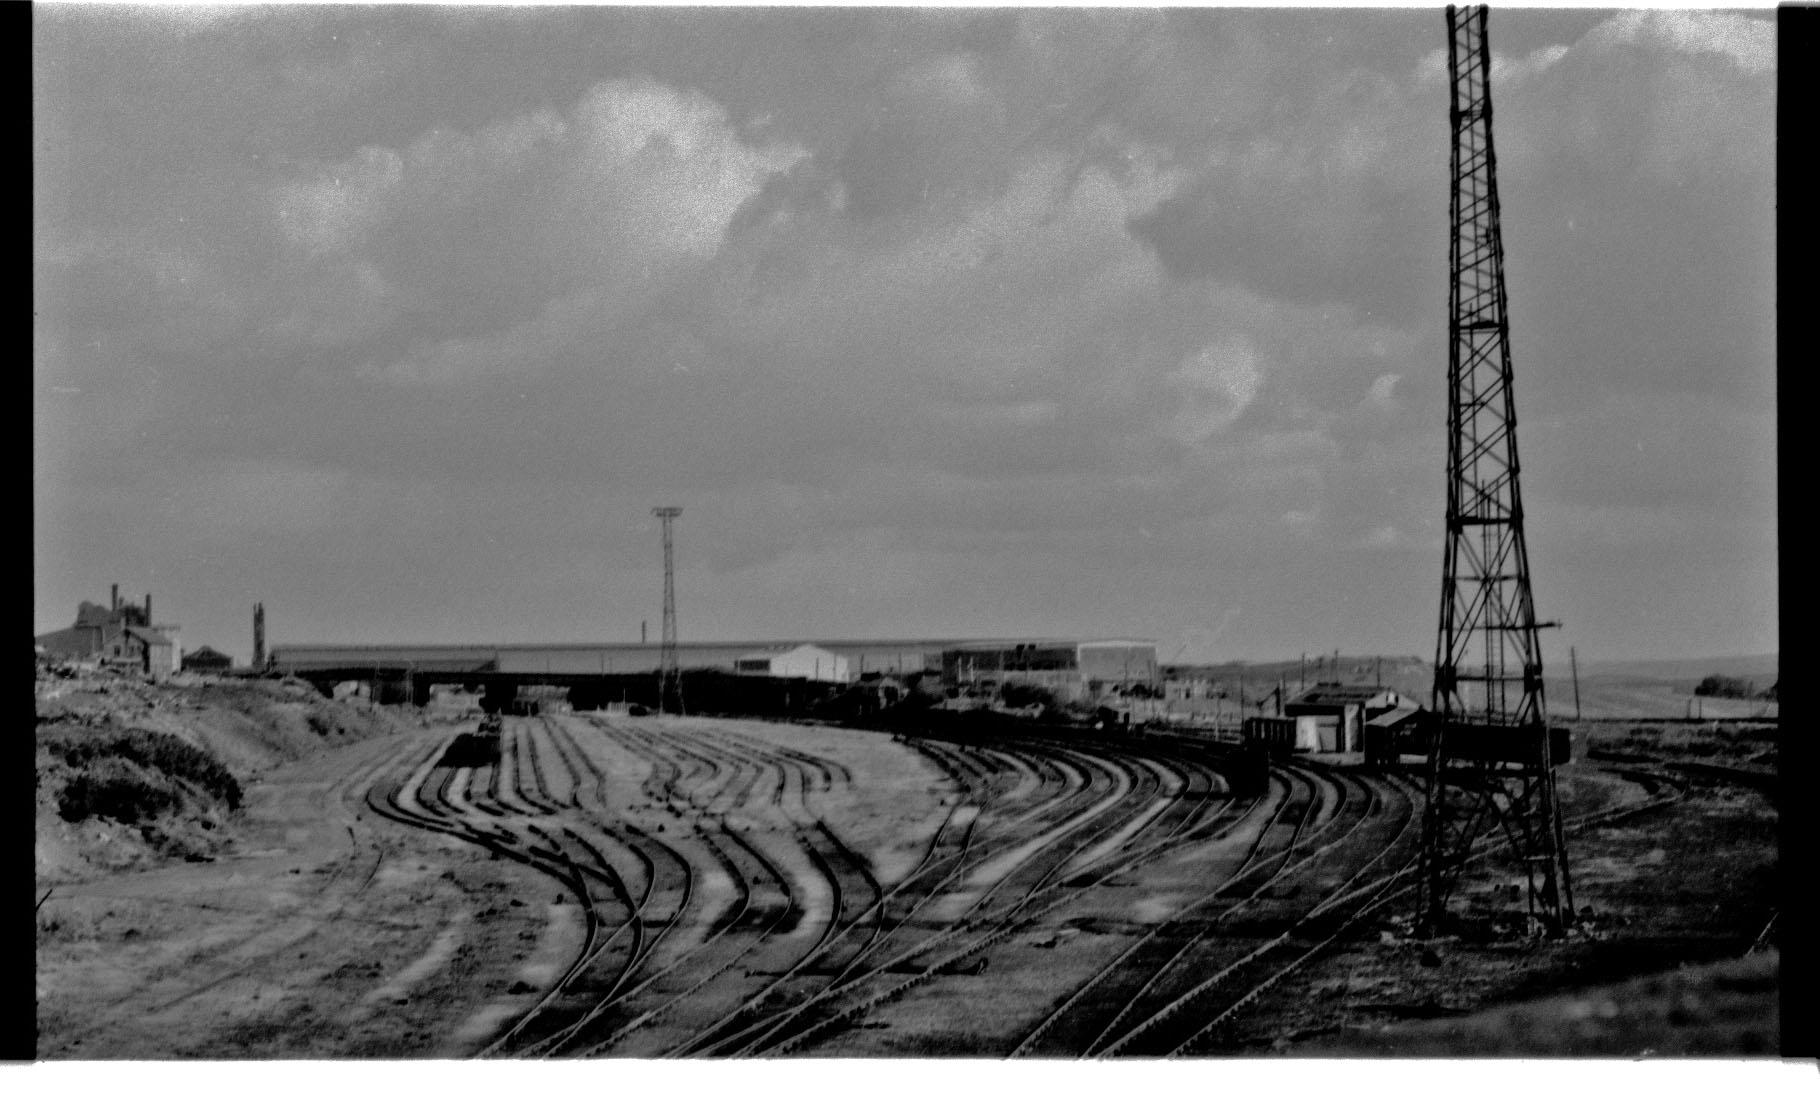 Consett Low Yard. Photo copyright John Aiston